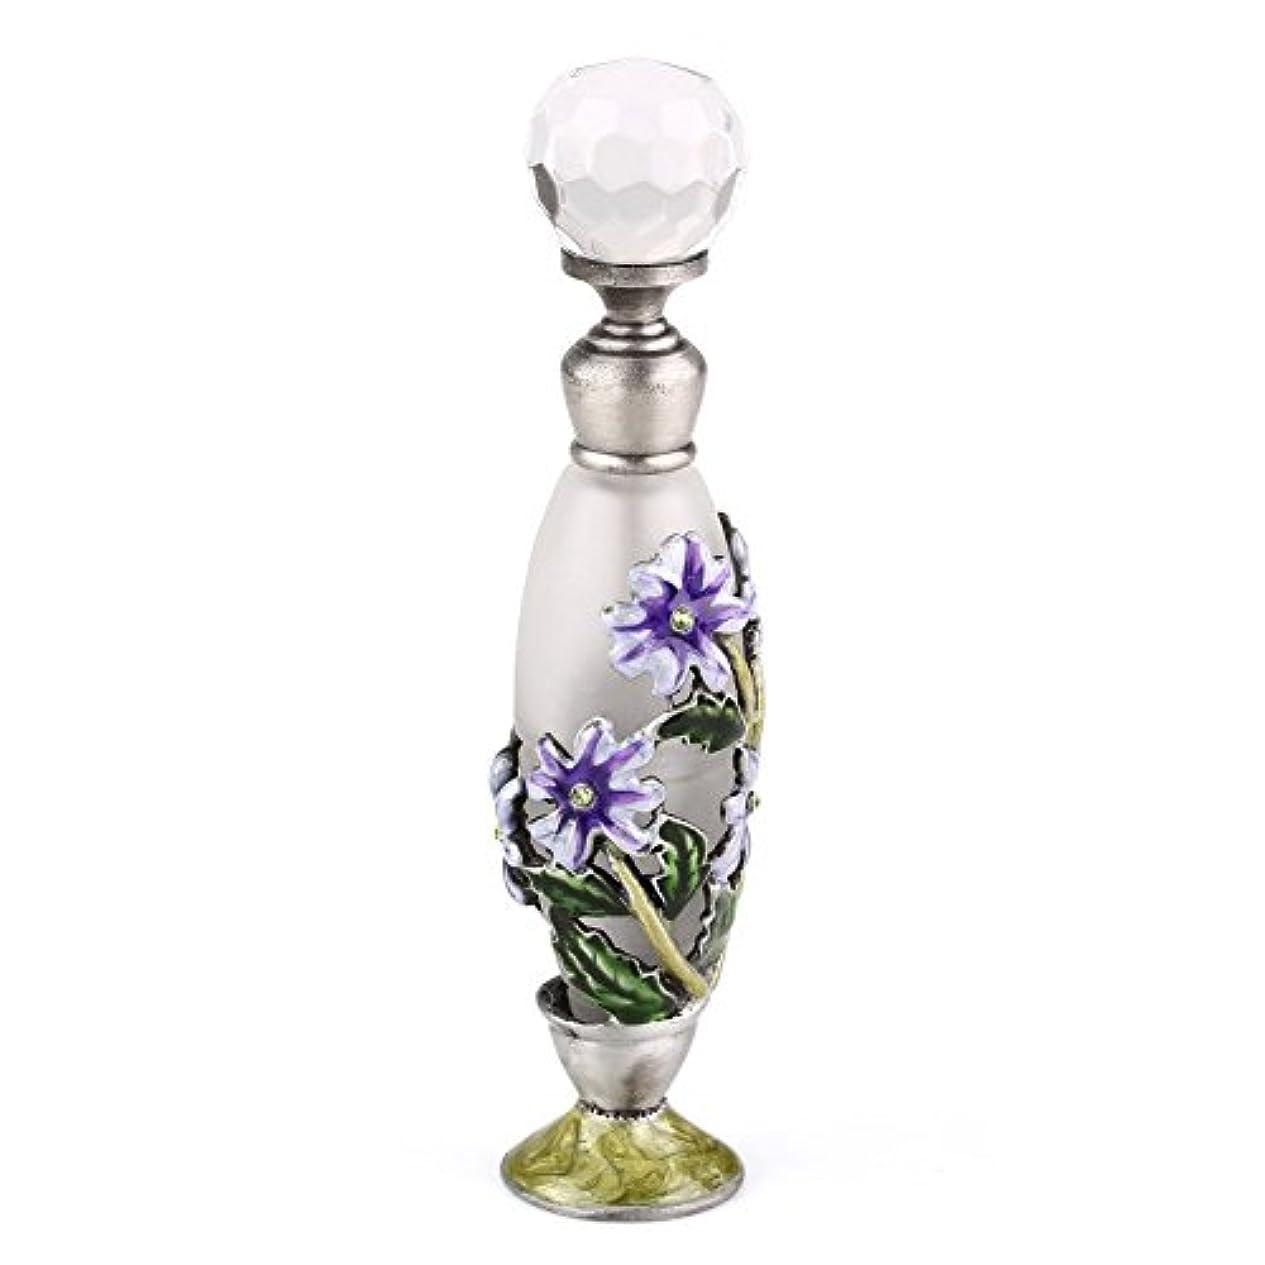 価値どきどき広告主高品質 美しい香水瓶 7ML 小型ガラスアロマボトル フラワー 綺麗アンティーク調欧風デザイン プレゼント 結婚式 飾り